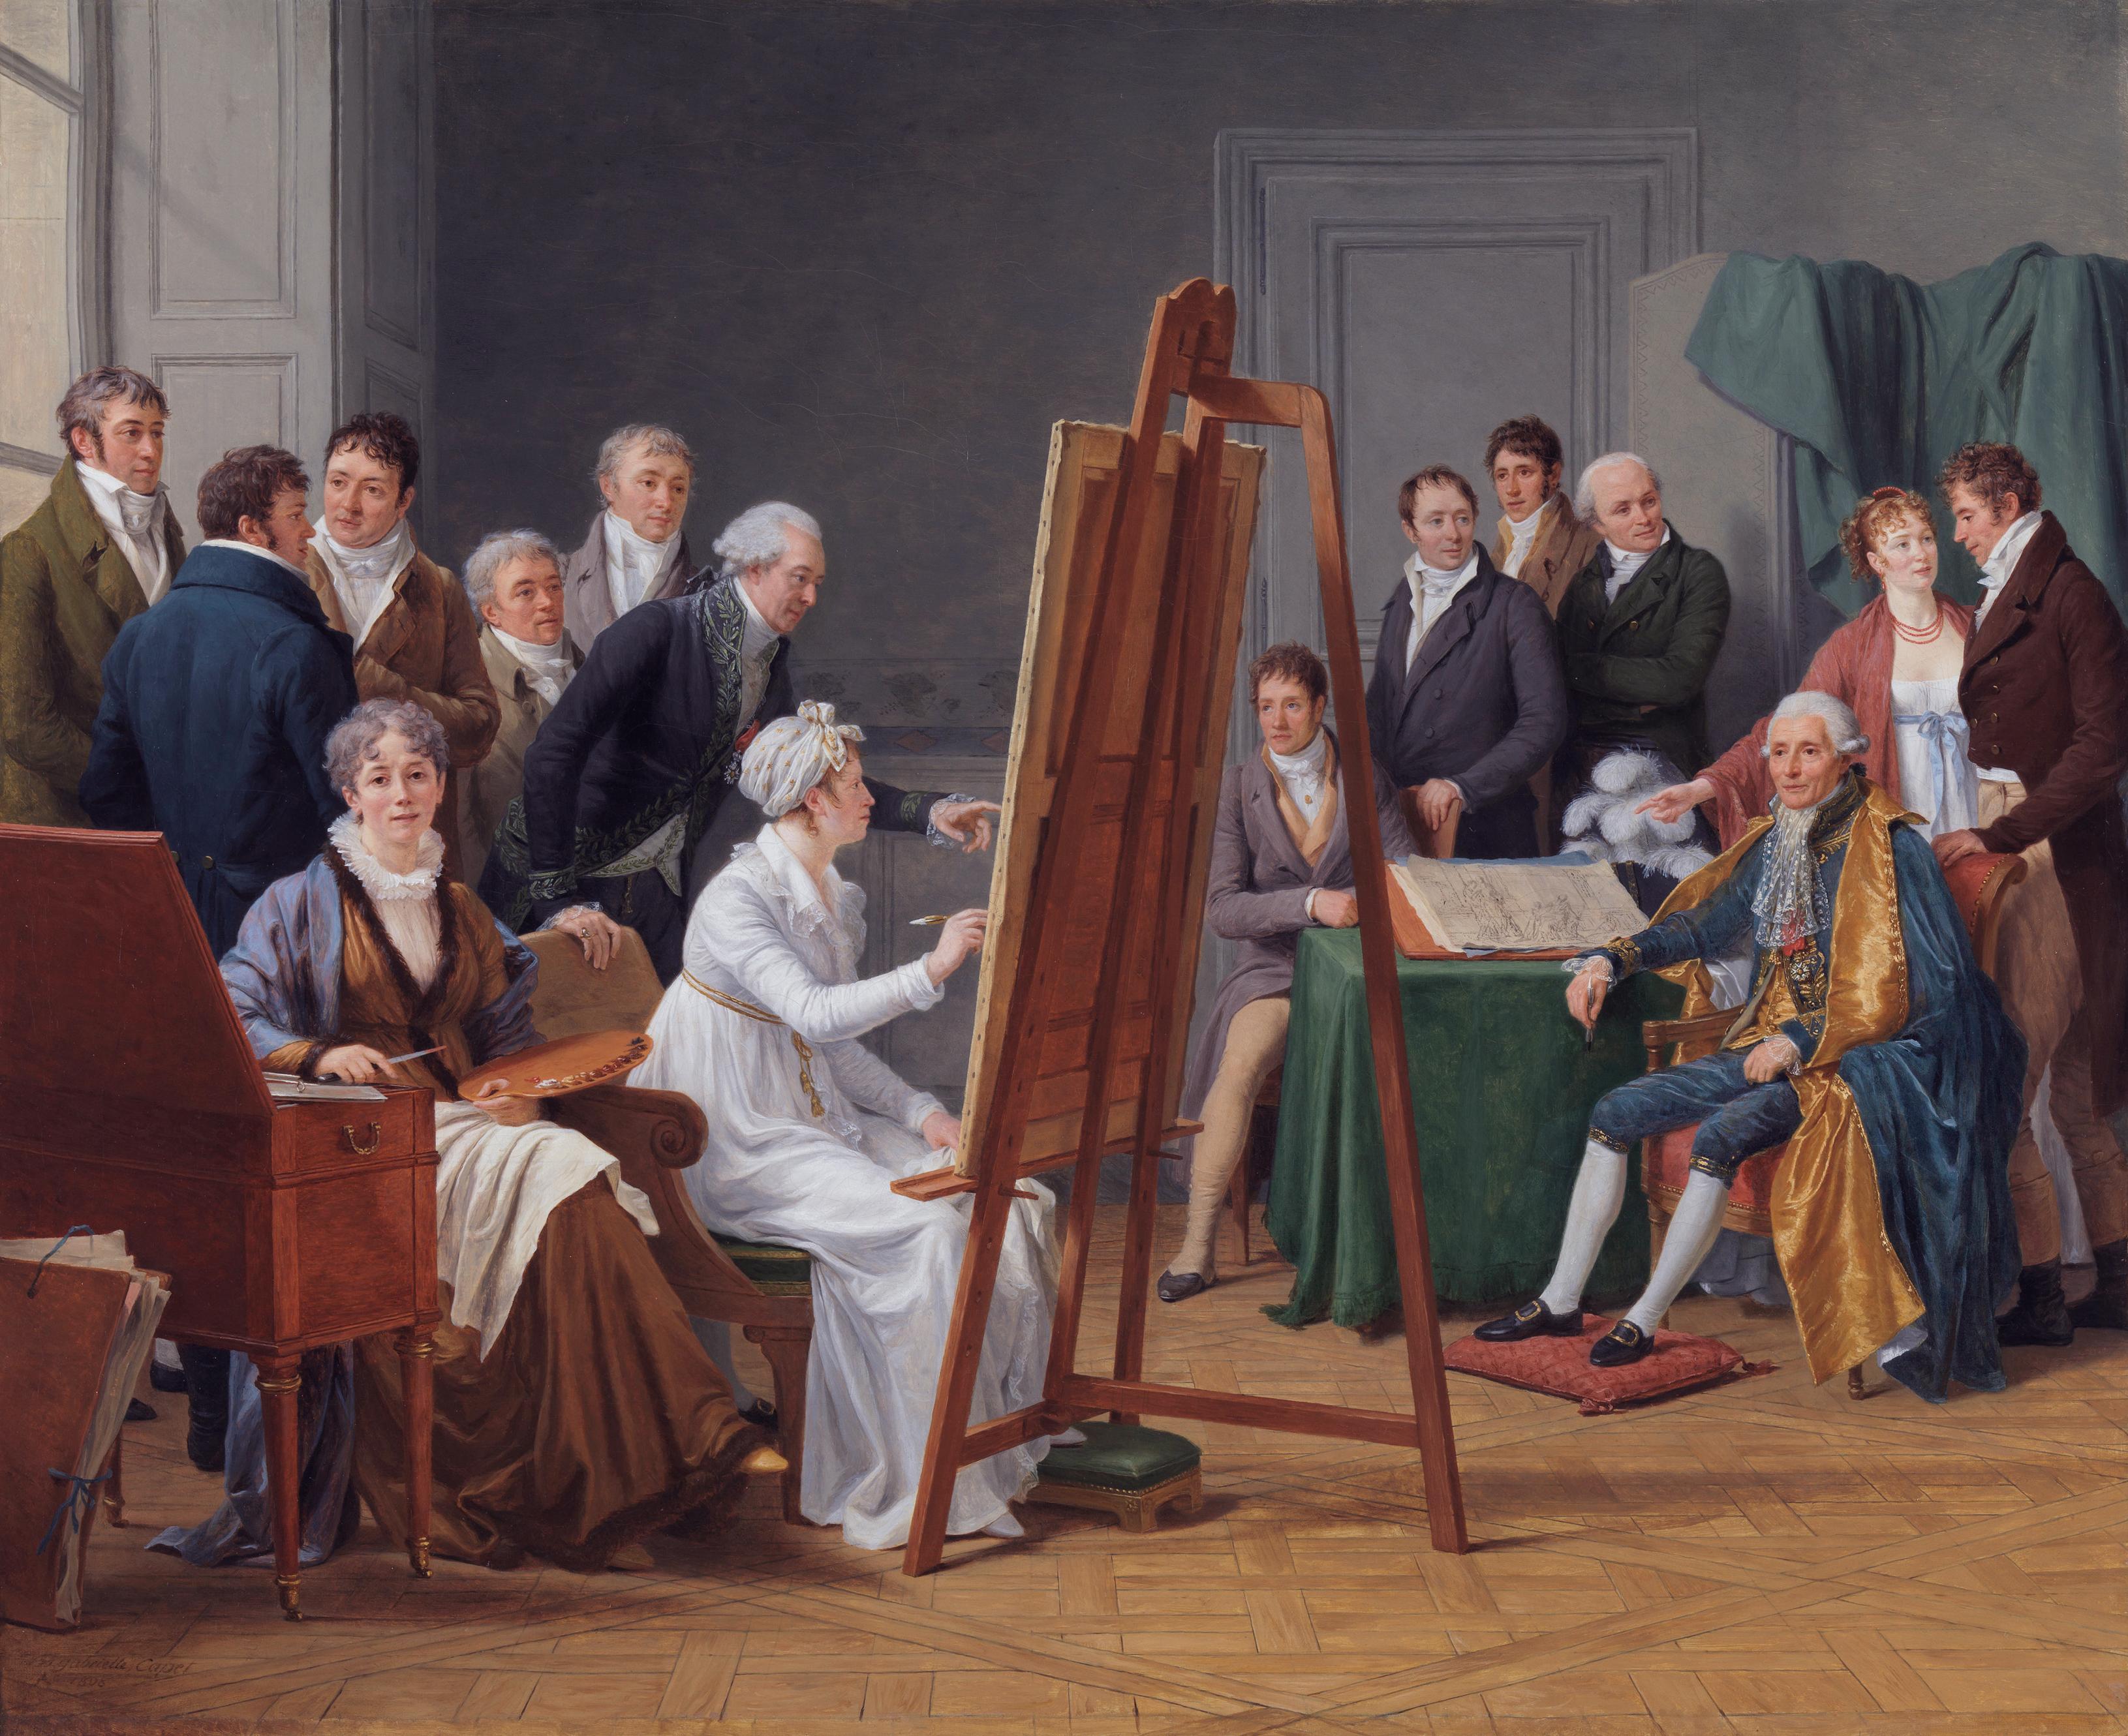 L'histoire cachée derrière « L'atelier de madame Vincent » de Marie Gabrielle Capet - Ça m'intéresse